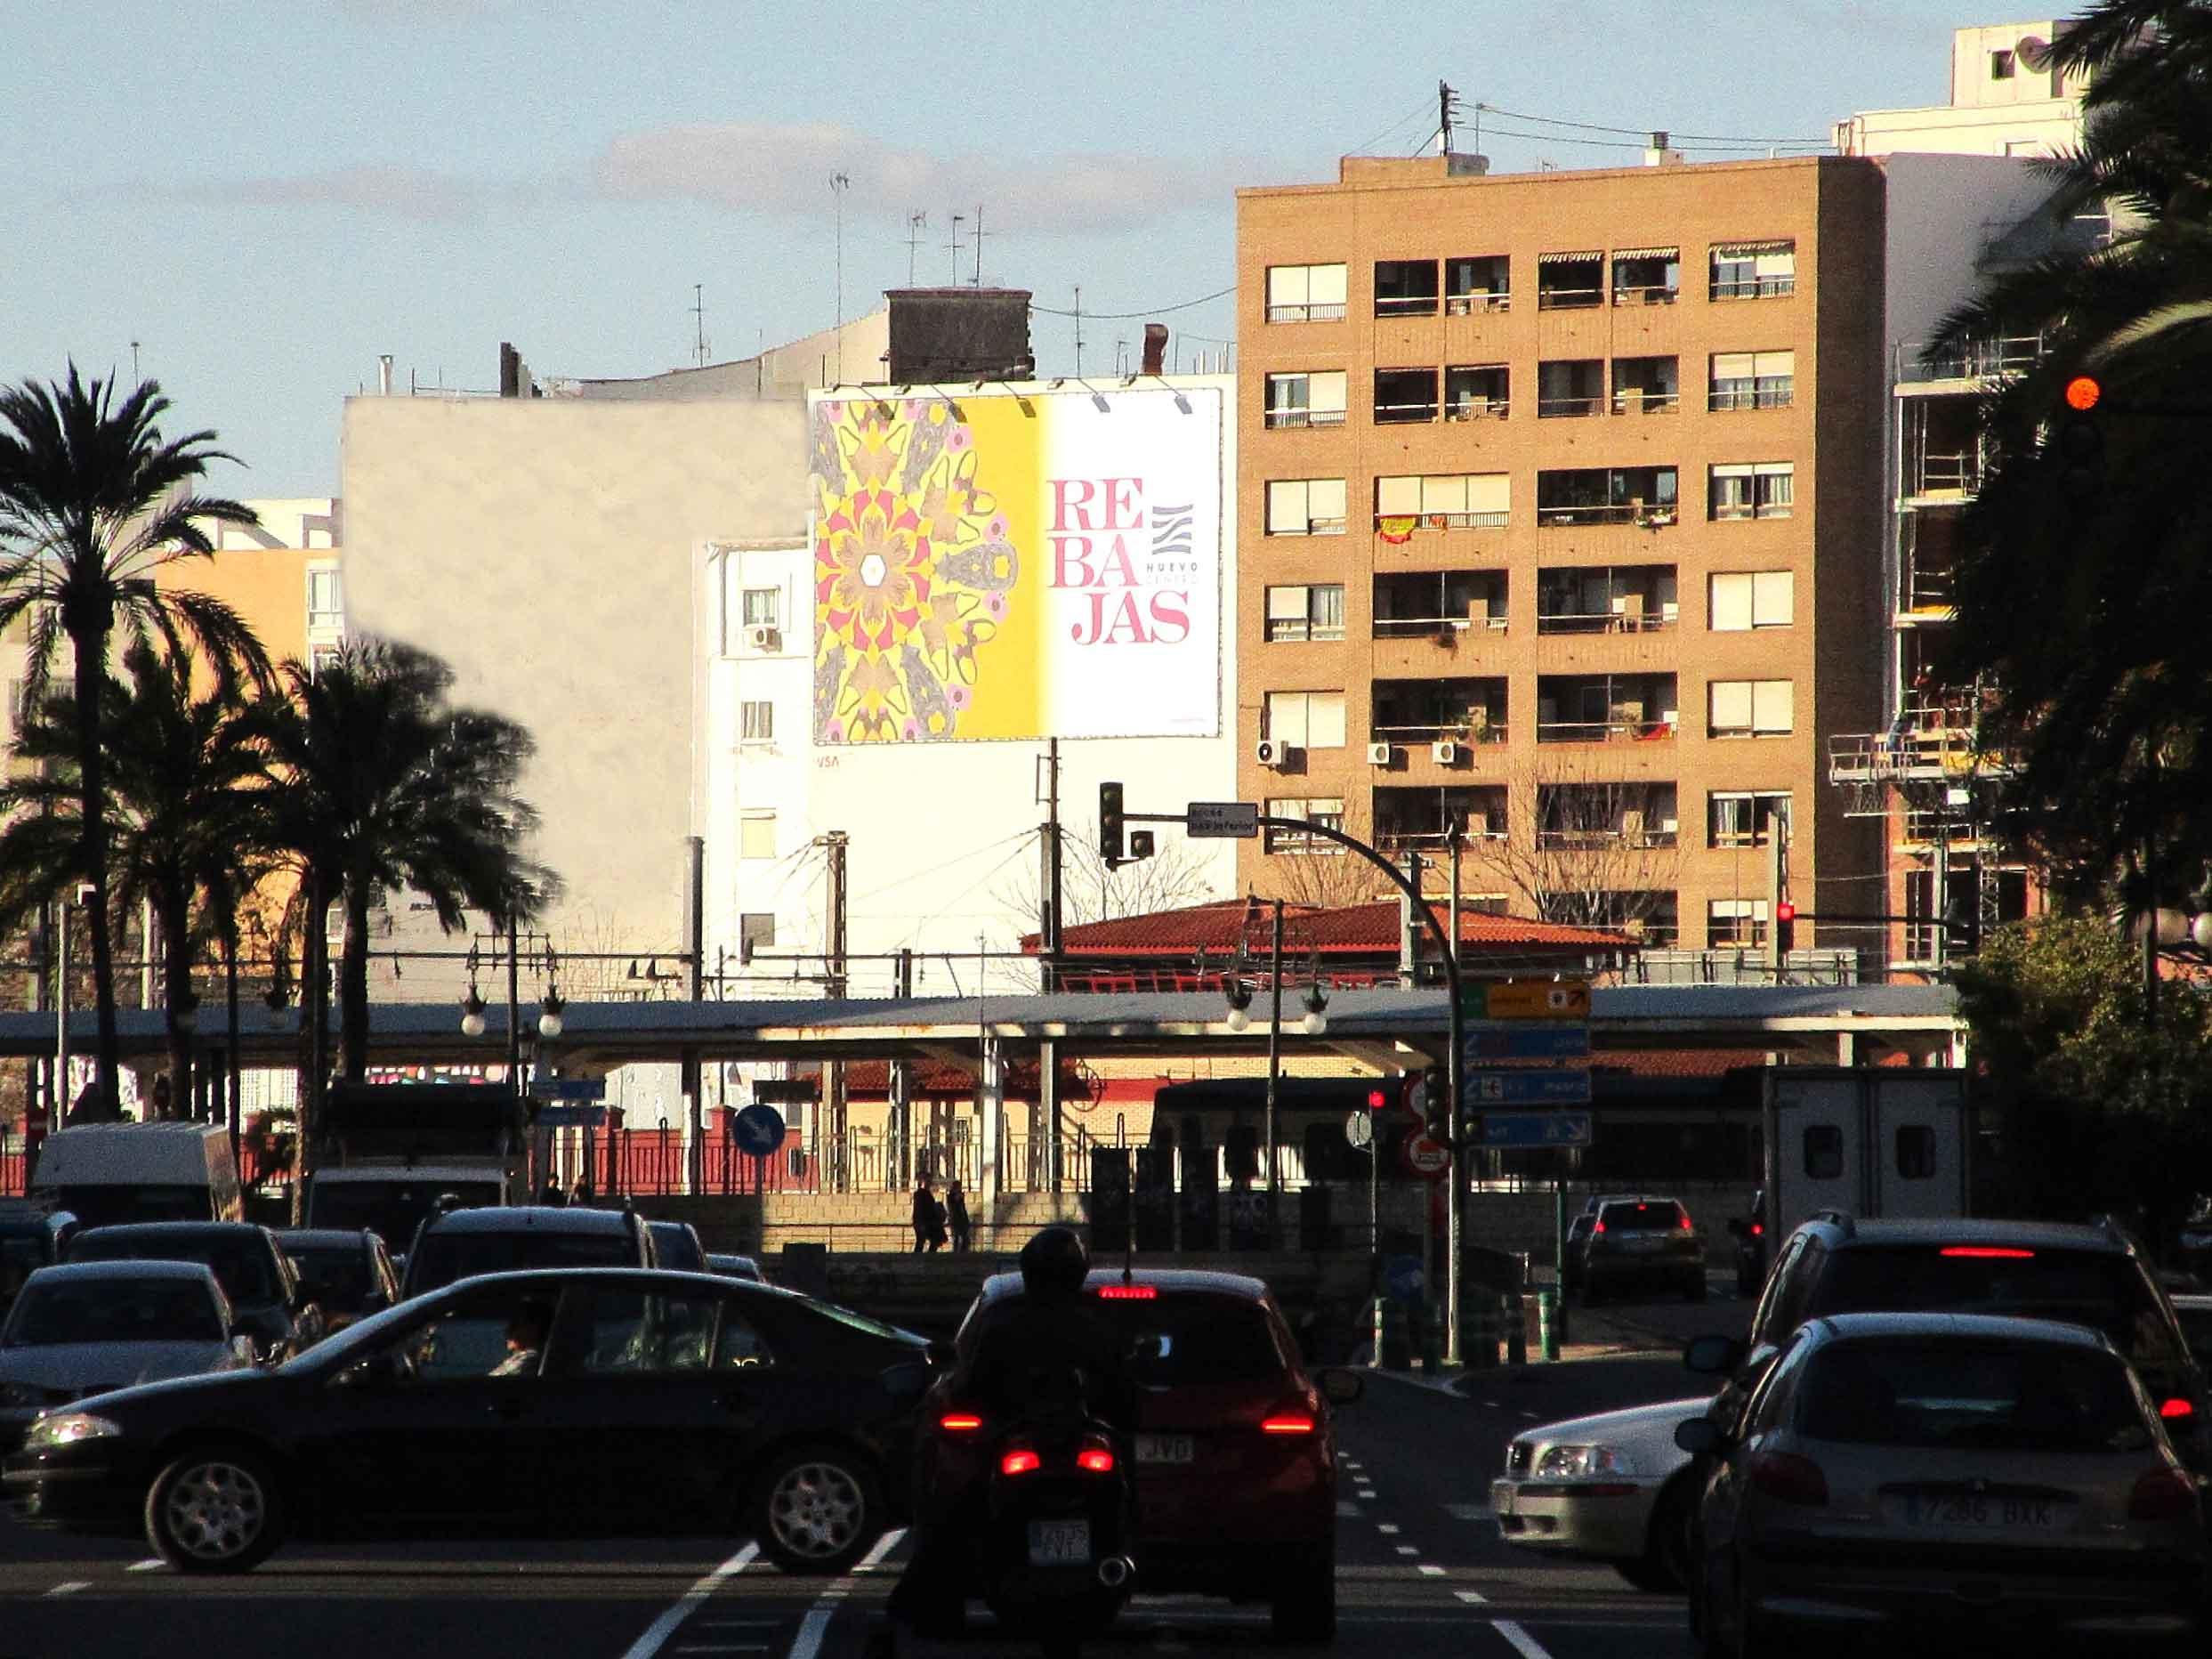 pym-valencia-doctor-vila-barbera-nuevo-centro-rebajas-enero-vsa-comunicacion